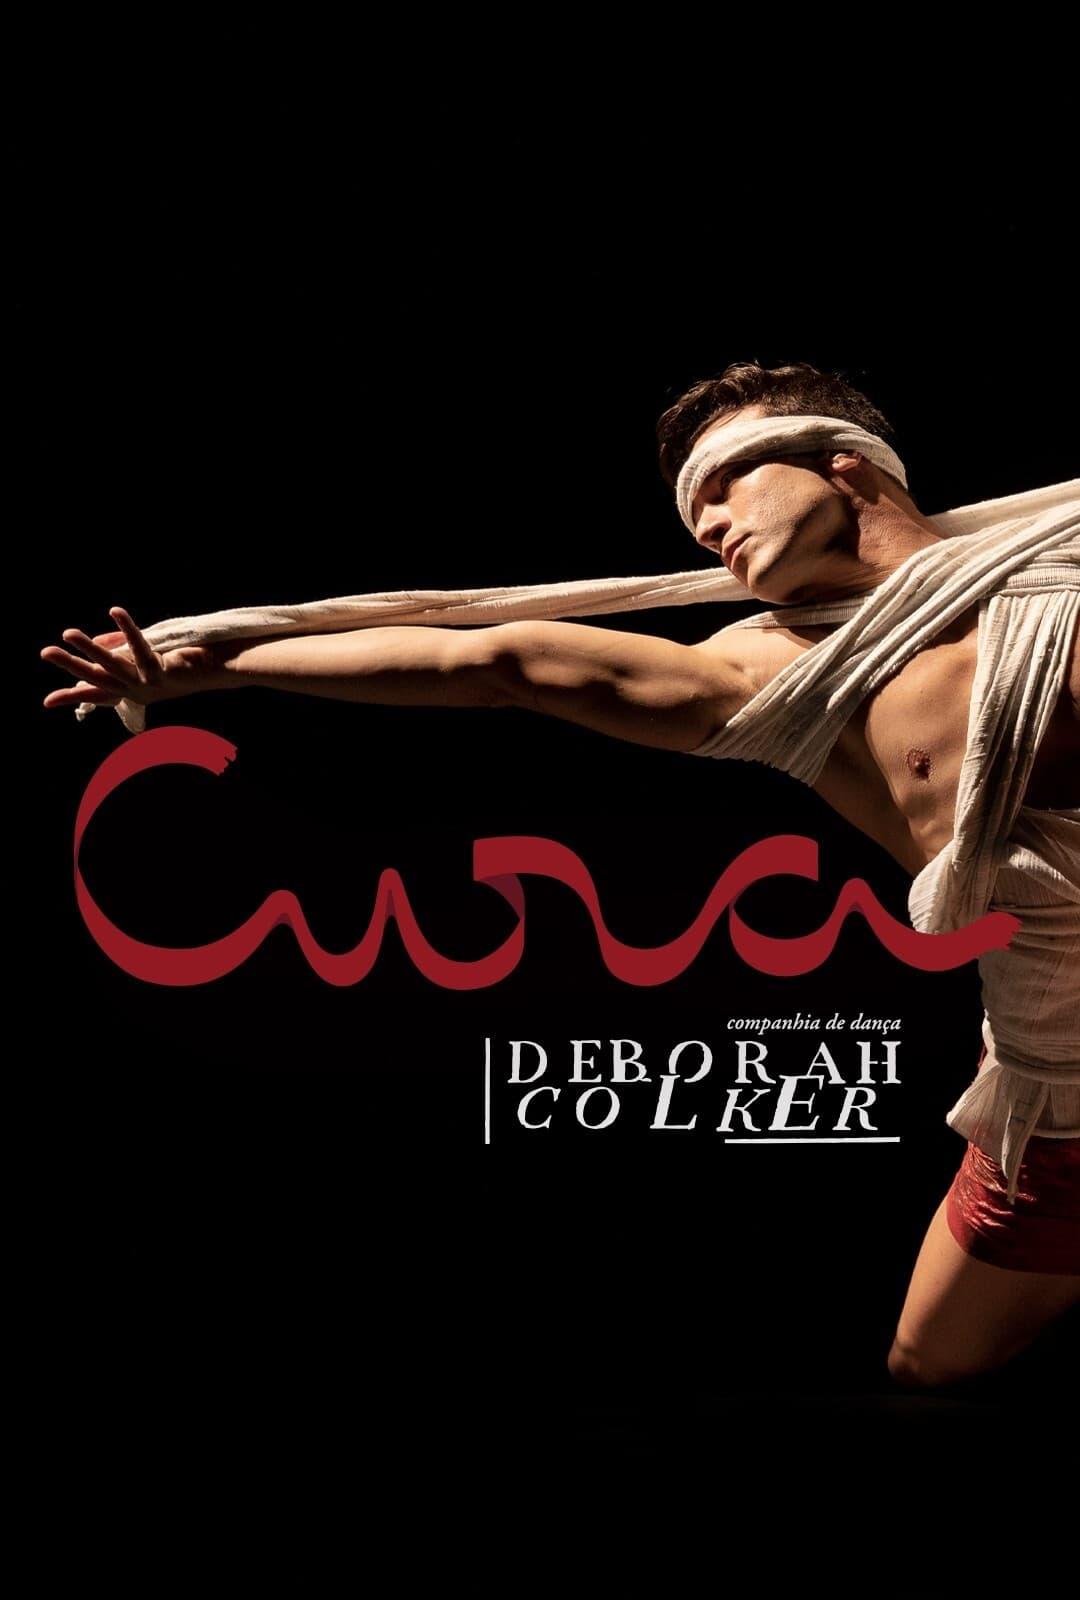 Cura (Cia de Dança Deborah Colker) (2021)